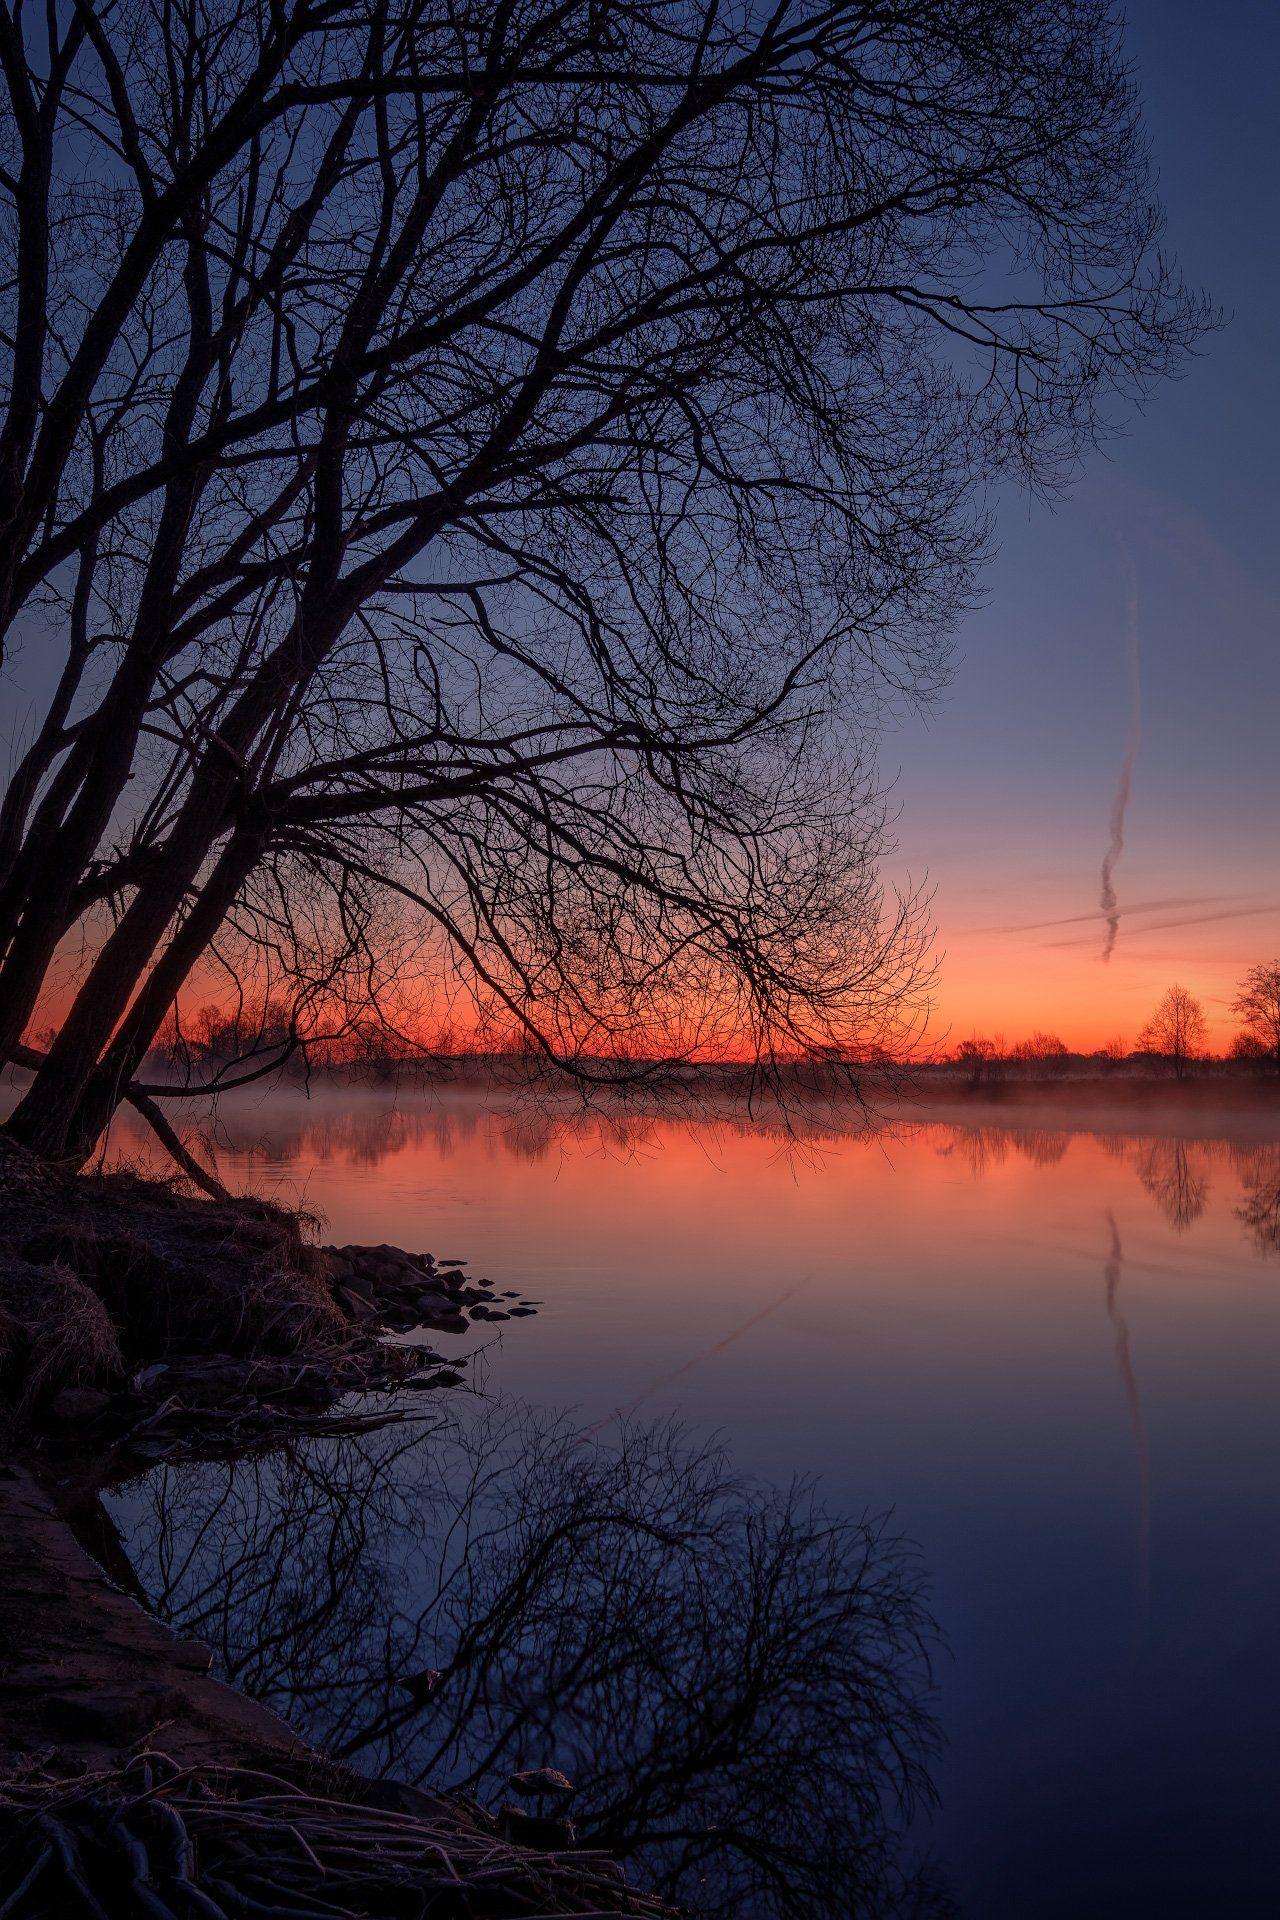 пейзаж, дубна, весна, апрель, разлив, рассвет, утро, дерево, река, туман, Андрей Чиж